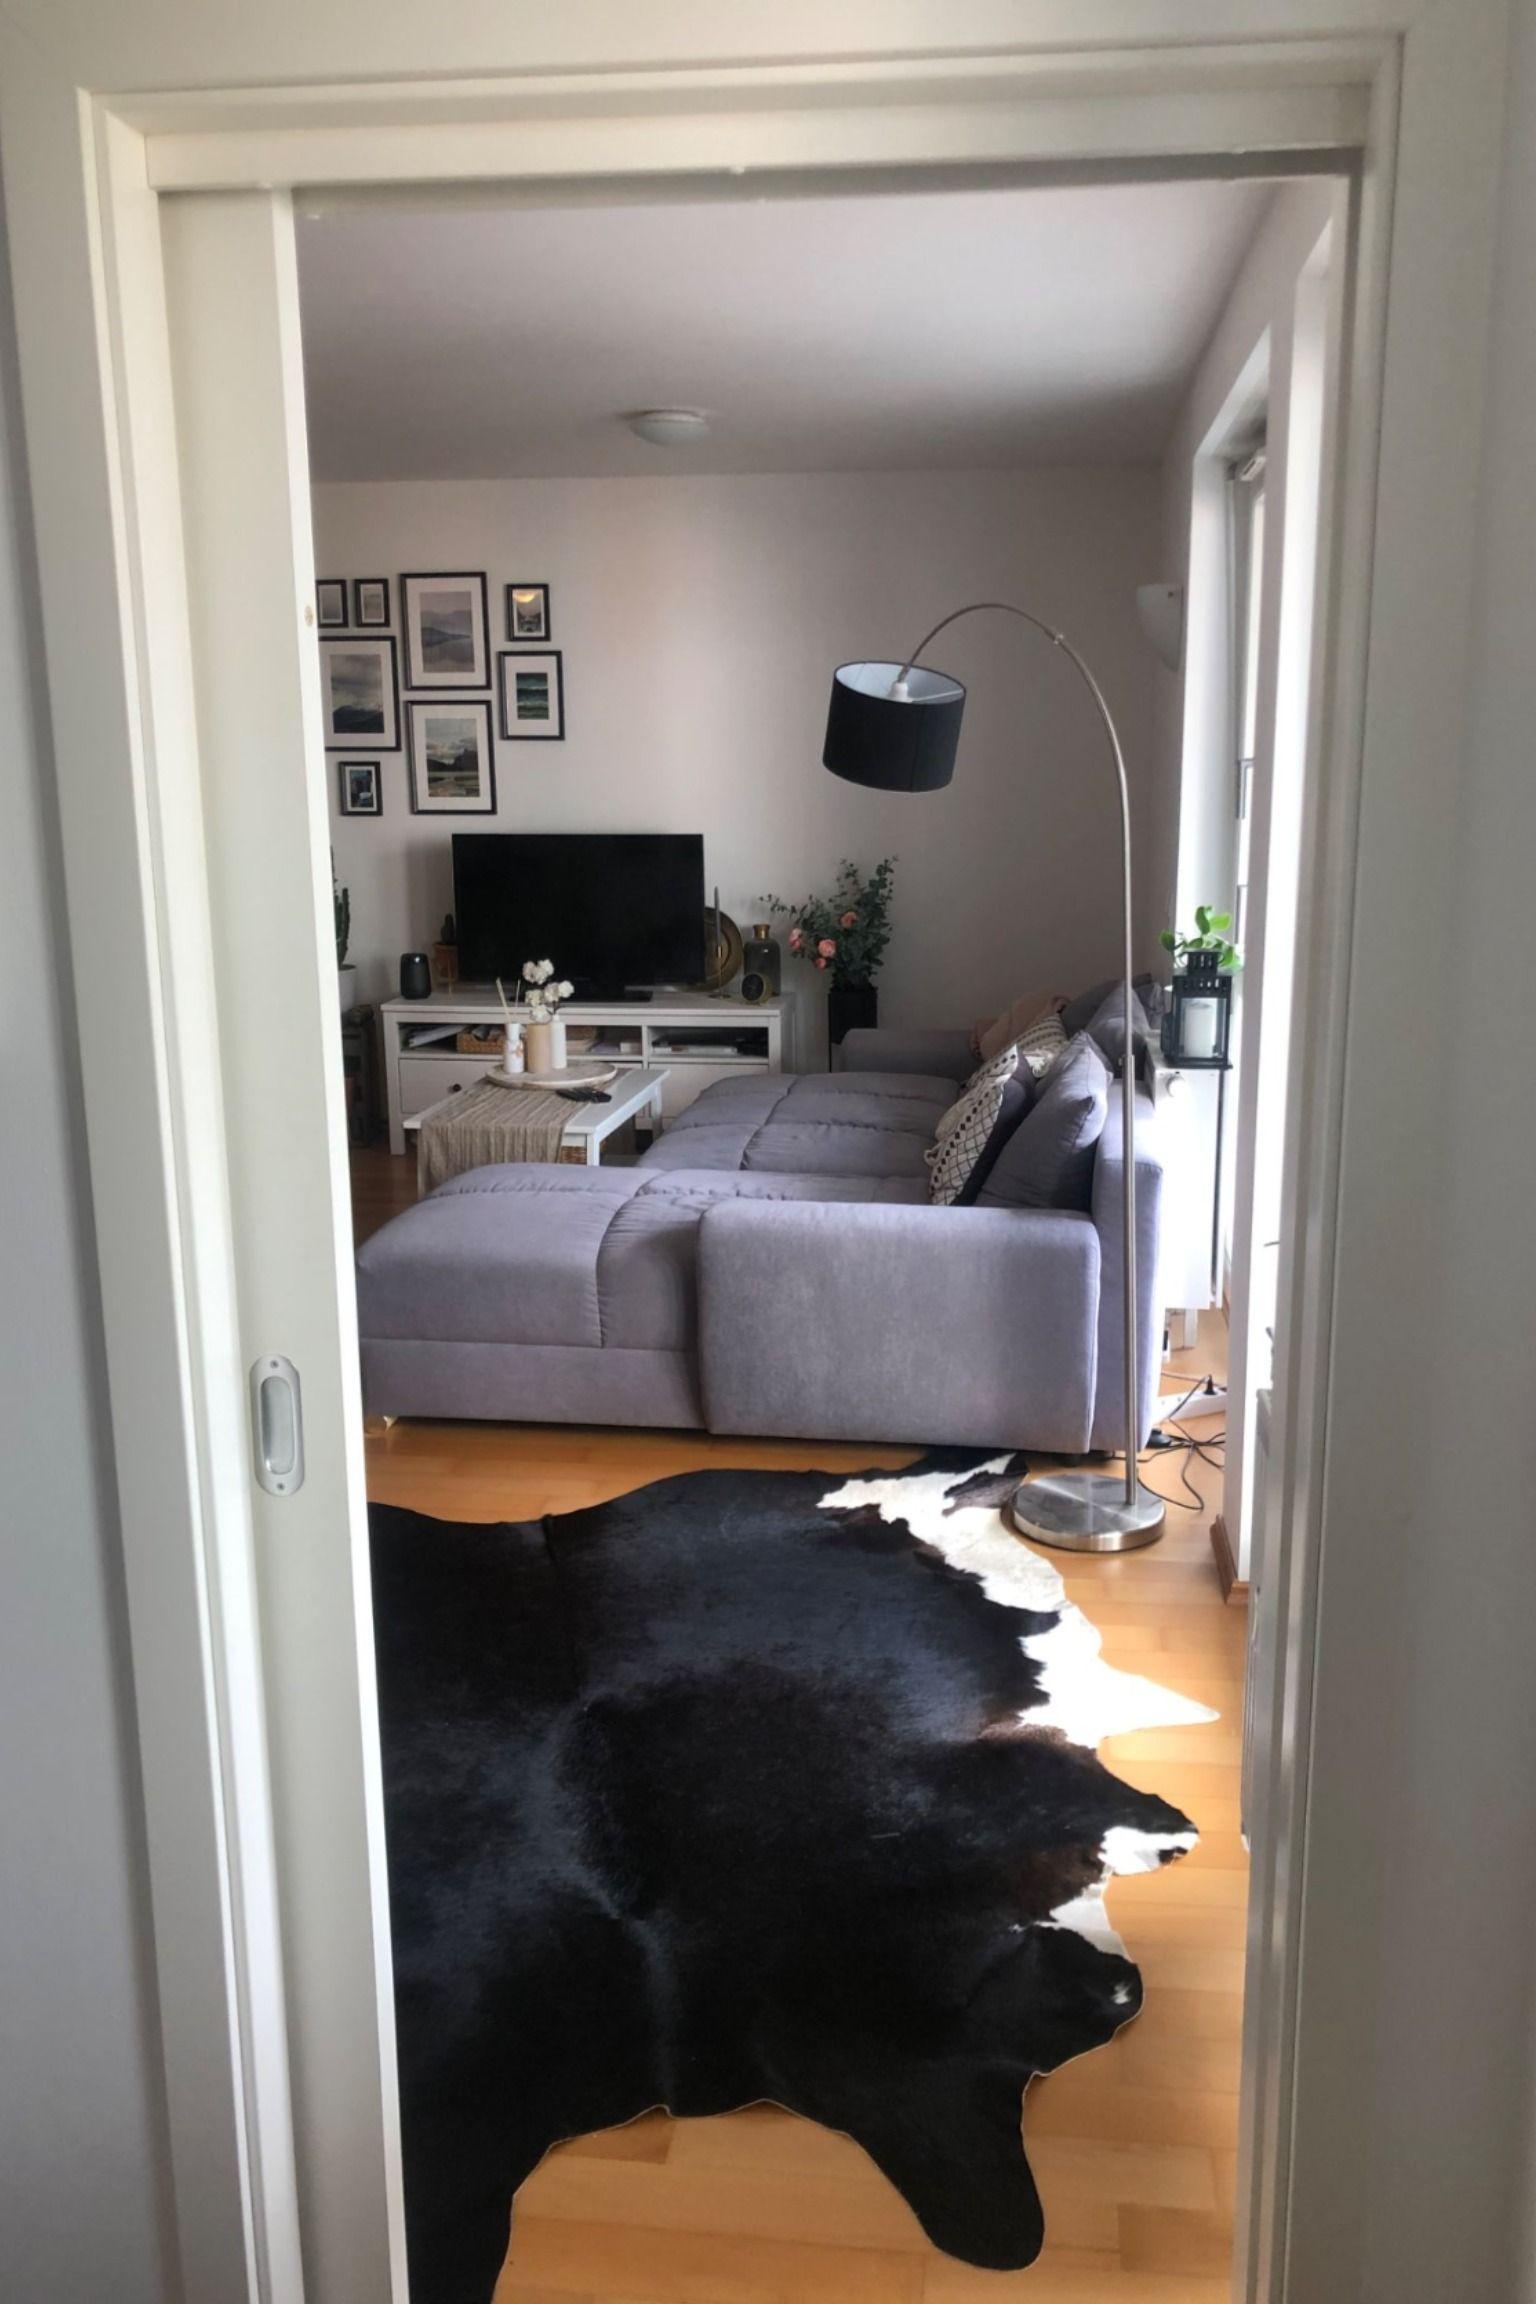 Dieses Schone Wohnzimmer Gehort Zu Einer Wohnung Zur Zwischenmiete In Munchen Wggesucht Wg Wohnzimmer Livingr In 2020 Schone Wohnzimmer 5 Zimmer Wohnung Wohnzimmer